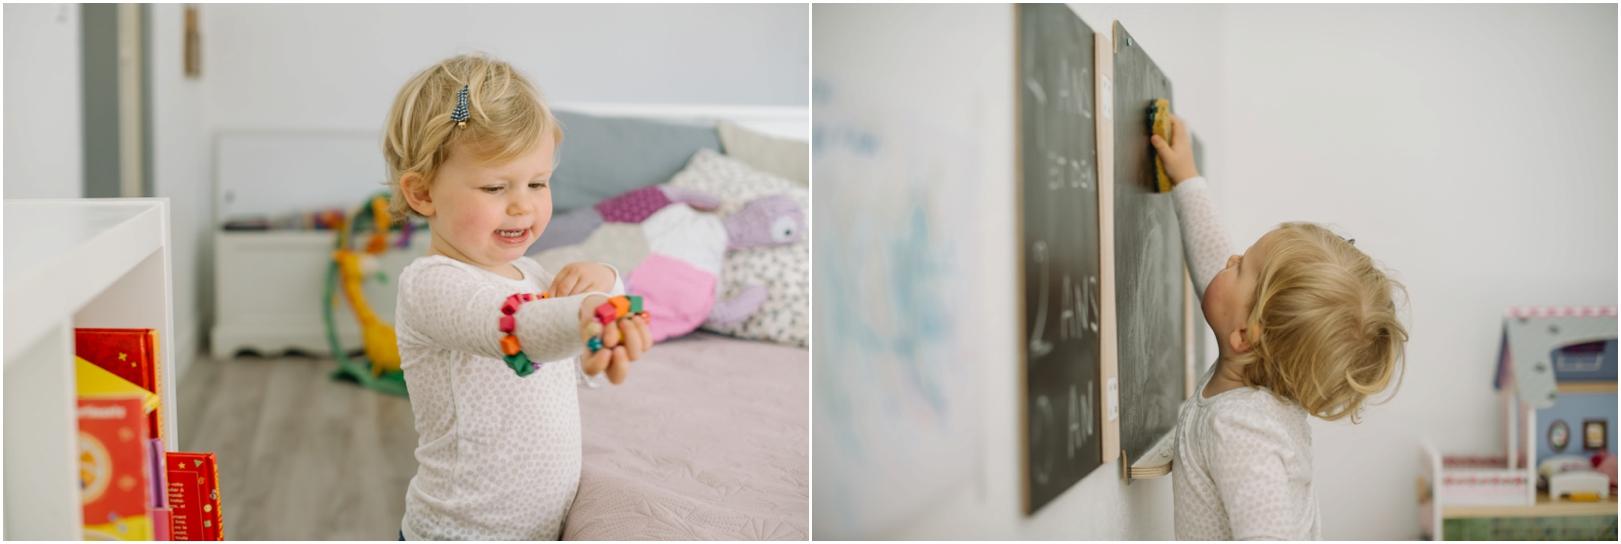 Photographe bébé en vaucluse Nancy Touranche 0004